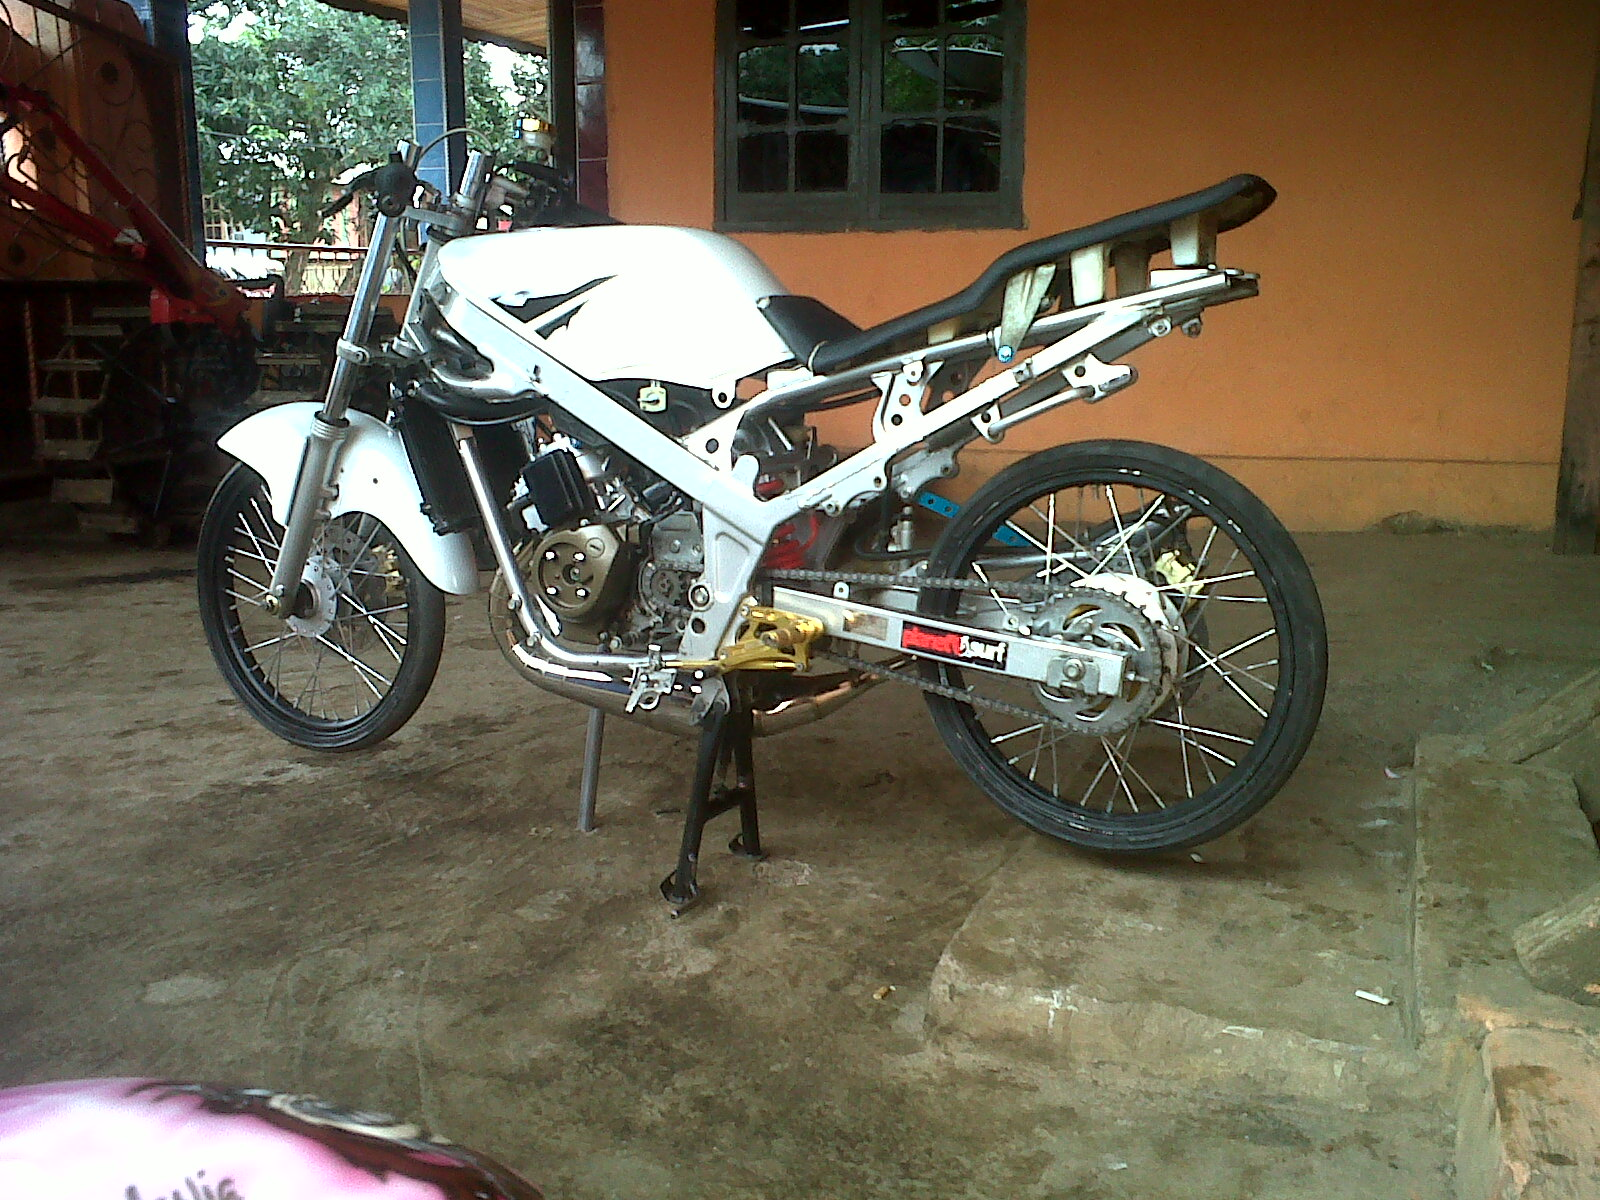 gambar motor ninja r racing air brush keren dan populer - rwblog